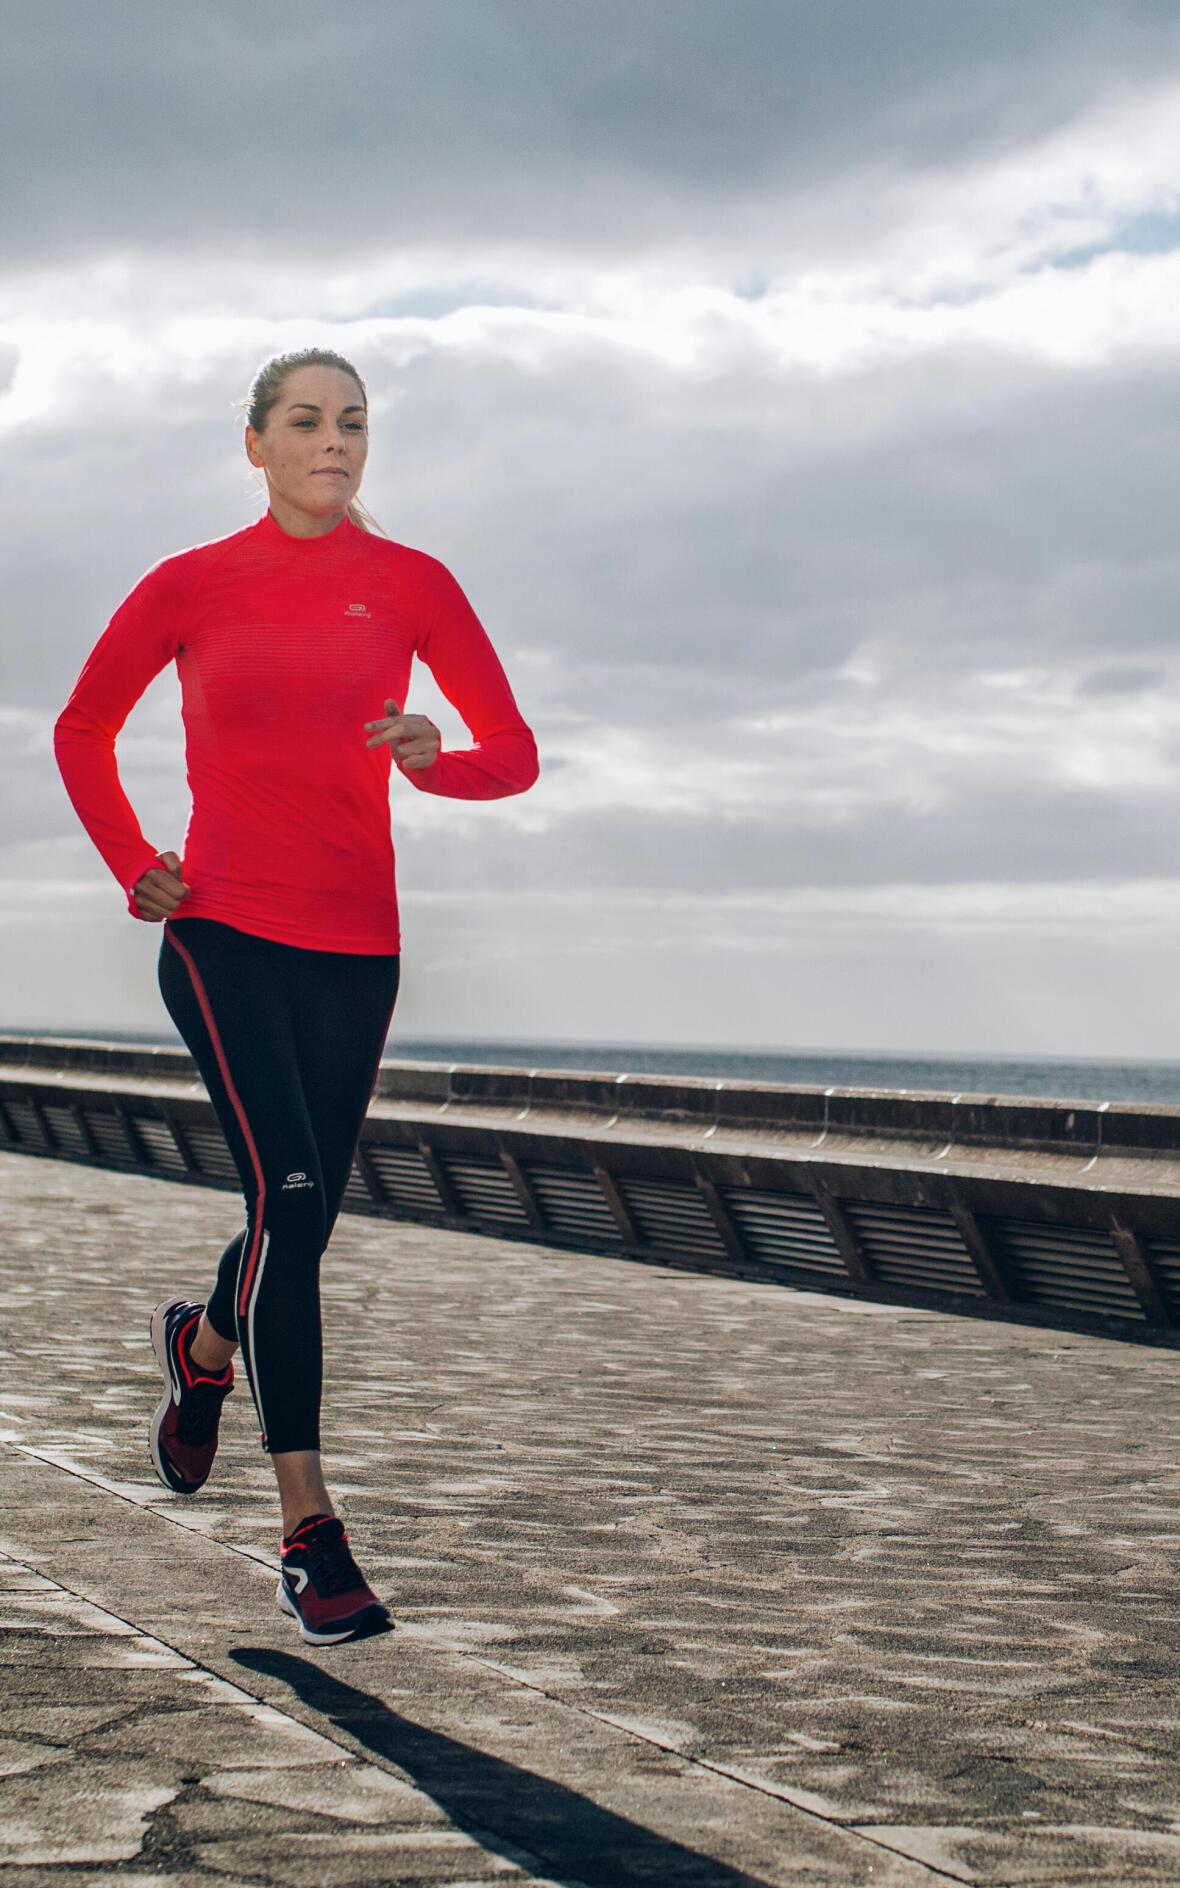 conseils-nouvelle-année-3-engagements-sportifs-que-vous-ne-tiendrez-jamais-running-marathon-femme-mer